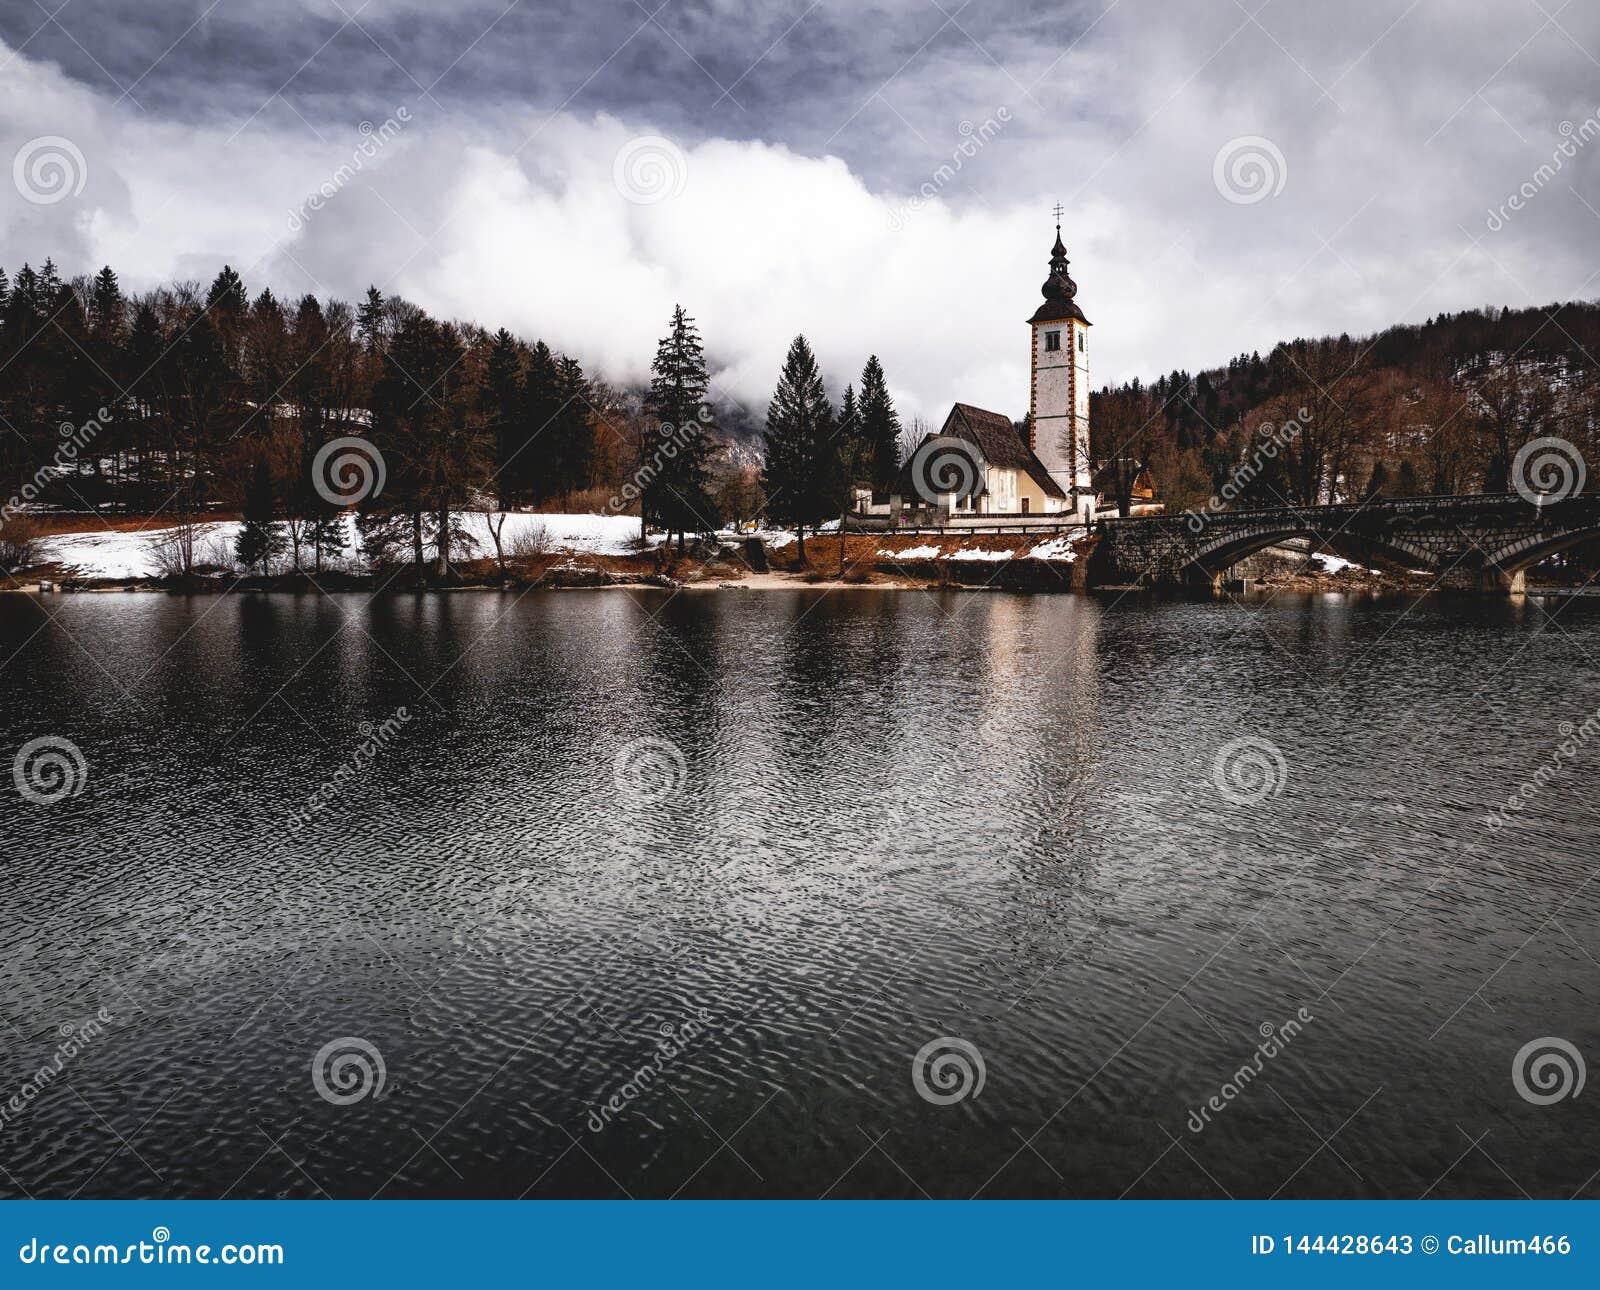 Iglesia del lado del lago con el fondo enselvado